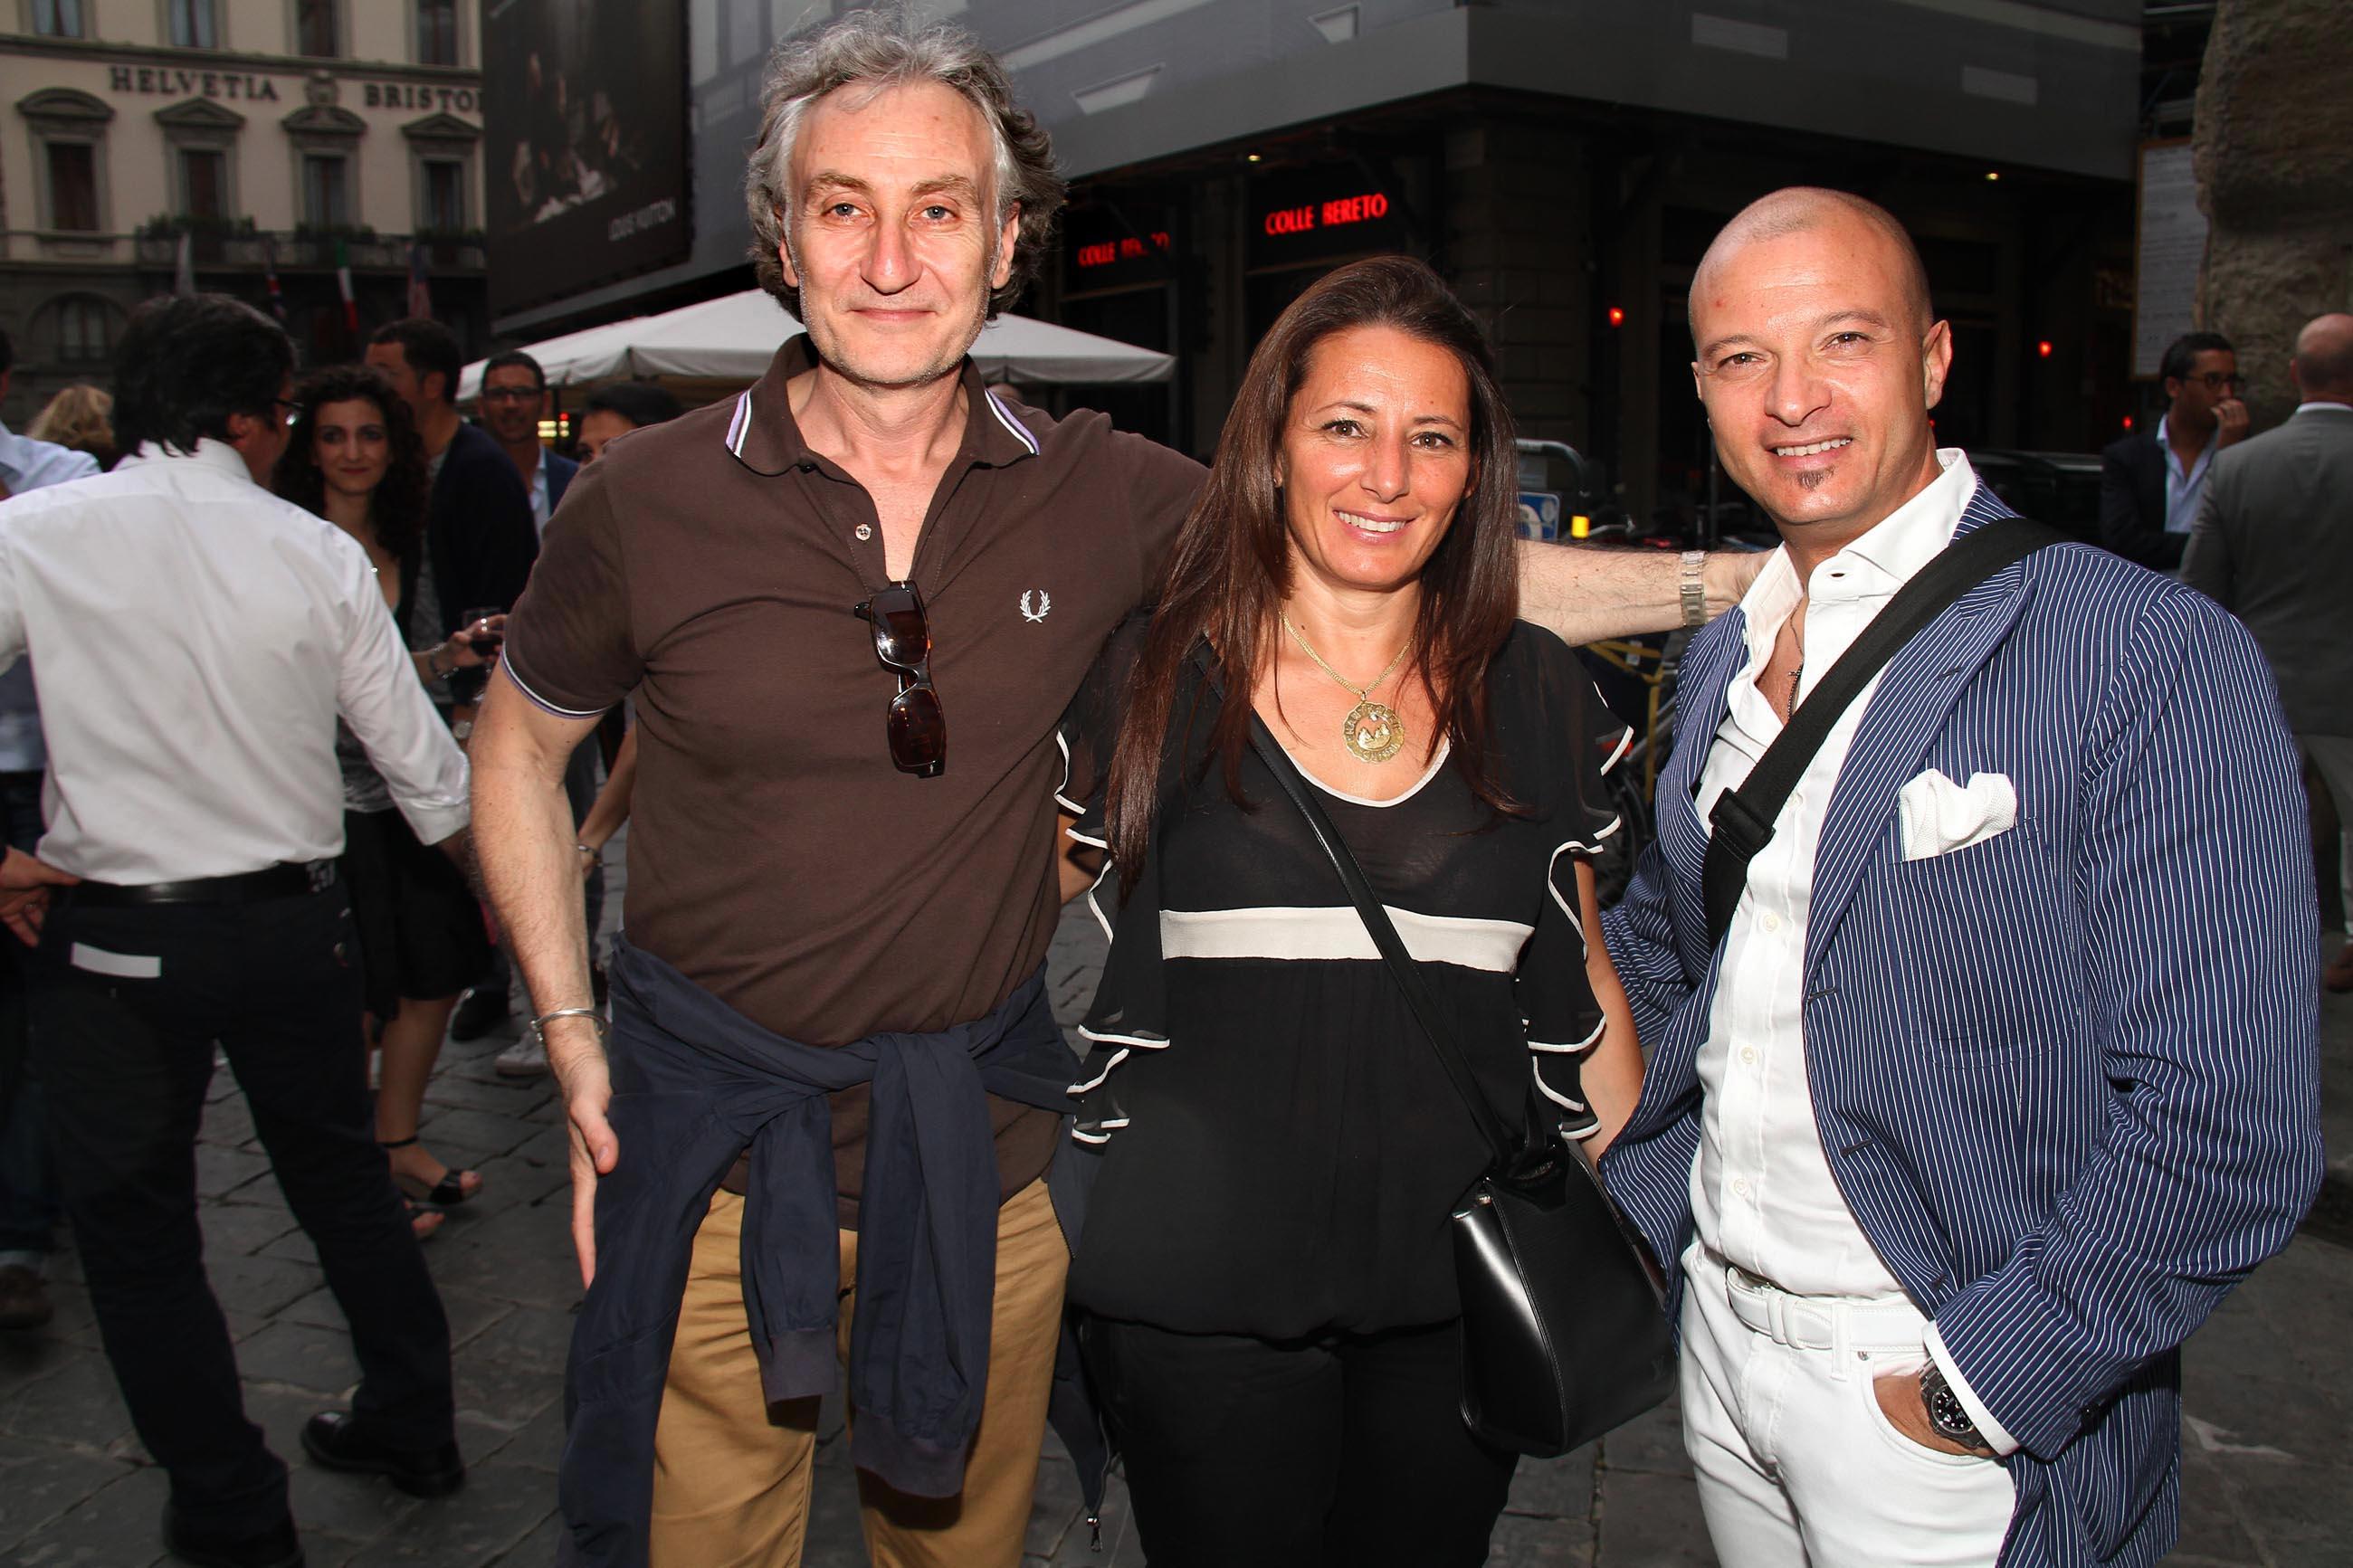 PRESSPHOTO Firenze, Evento Milord Aston Martin. Nella foto Riccardo Carisio, Monica Cozzolino e Luigi Noviello